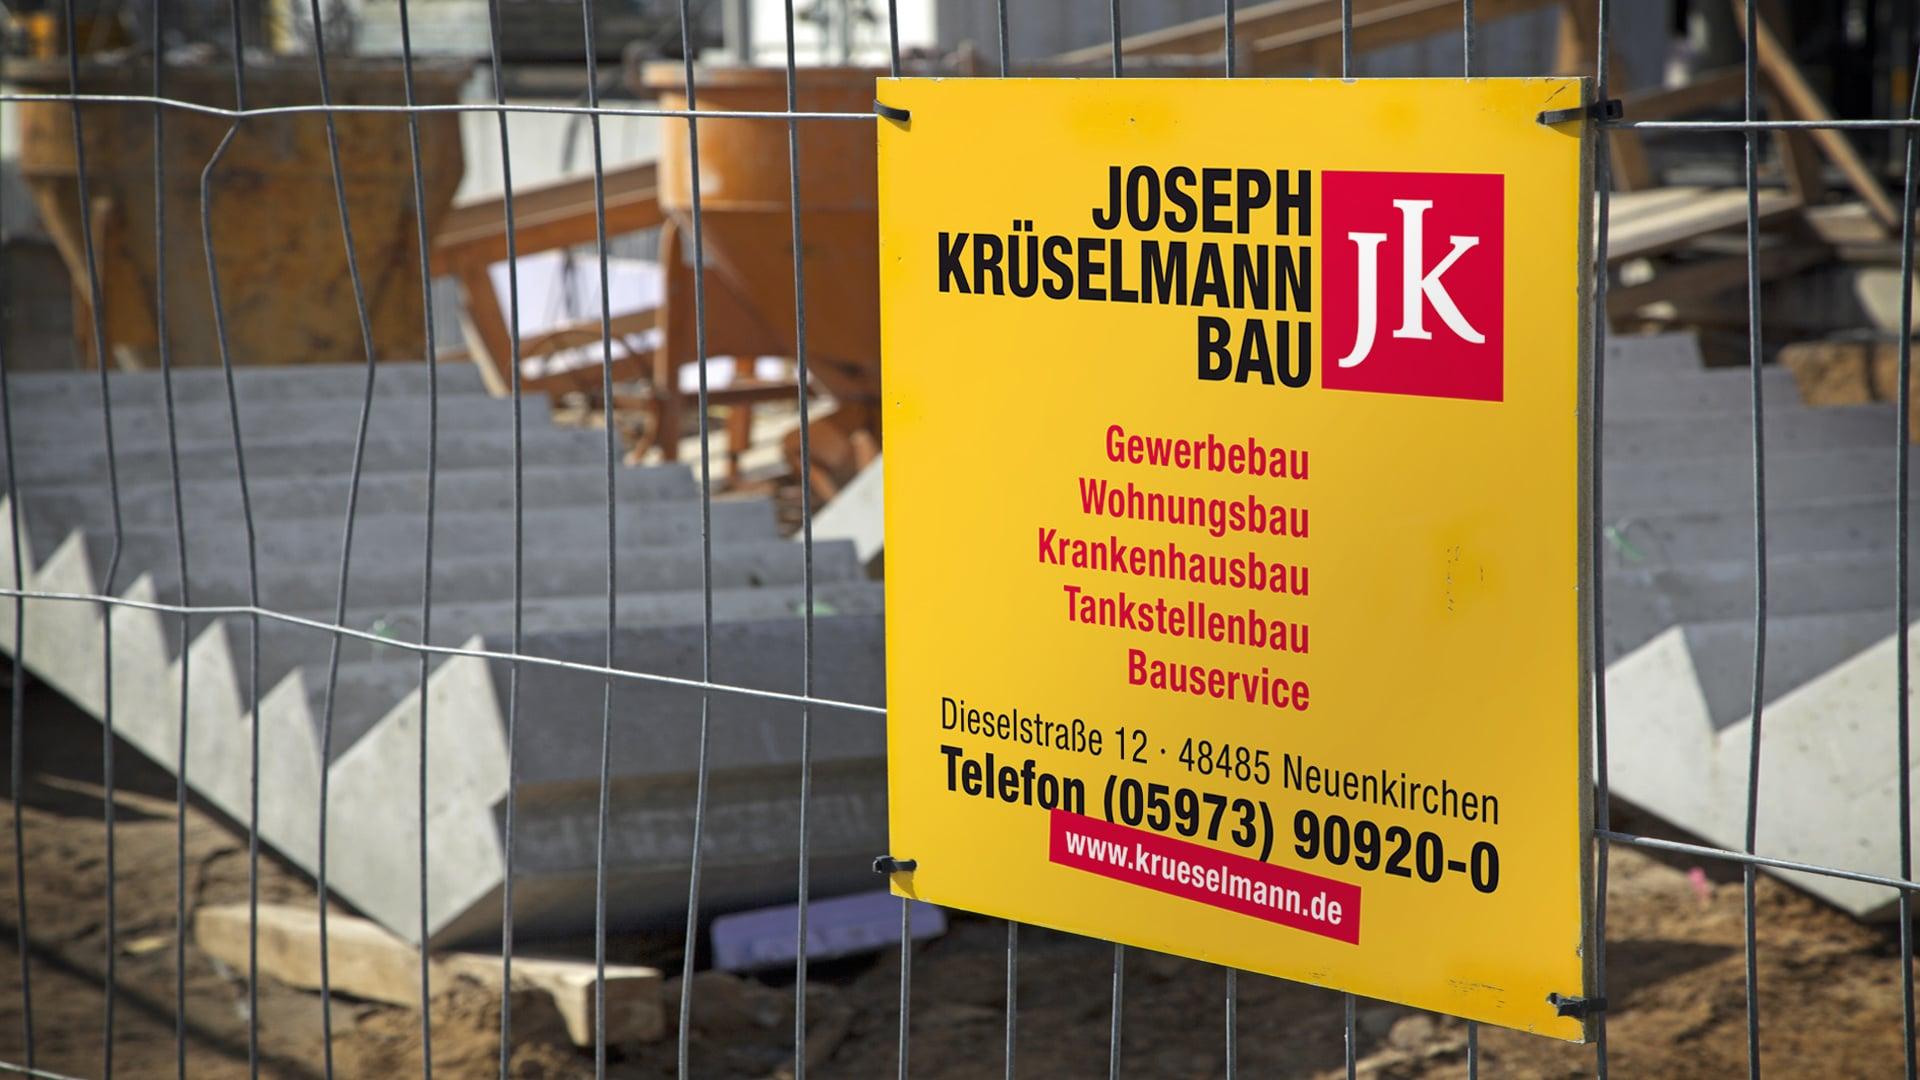 Krueselmann Print Bauzaunschild 2 - Markenauftritt mit Charakter für eine Marke mit Persönlichkeit – Corporate Design, Logoentwicklung, Grafikdesign, Webdesign, Kommunikationsdesign, Branding, Markenentwicklung, Werbetechnik